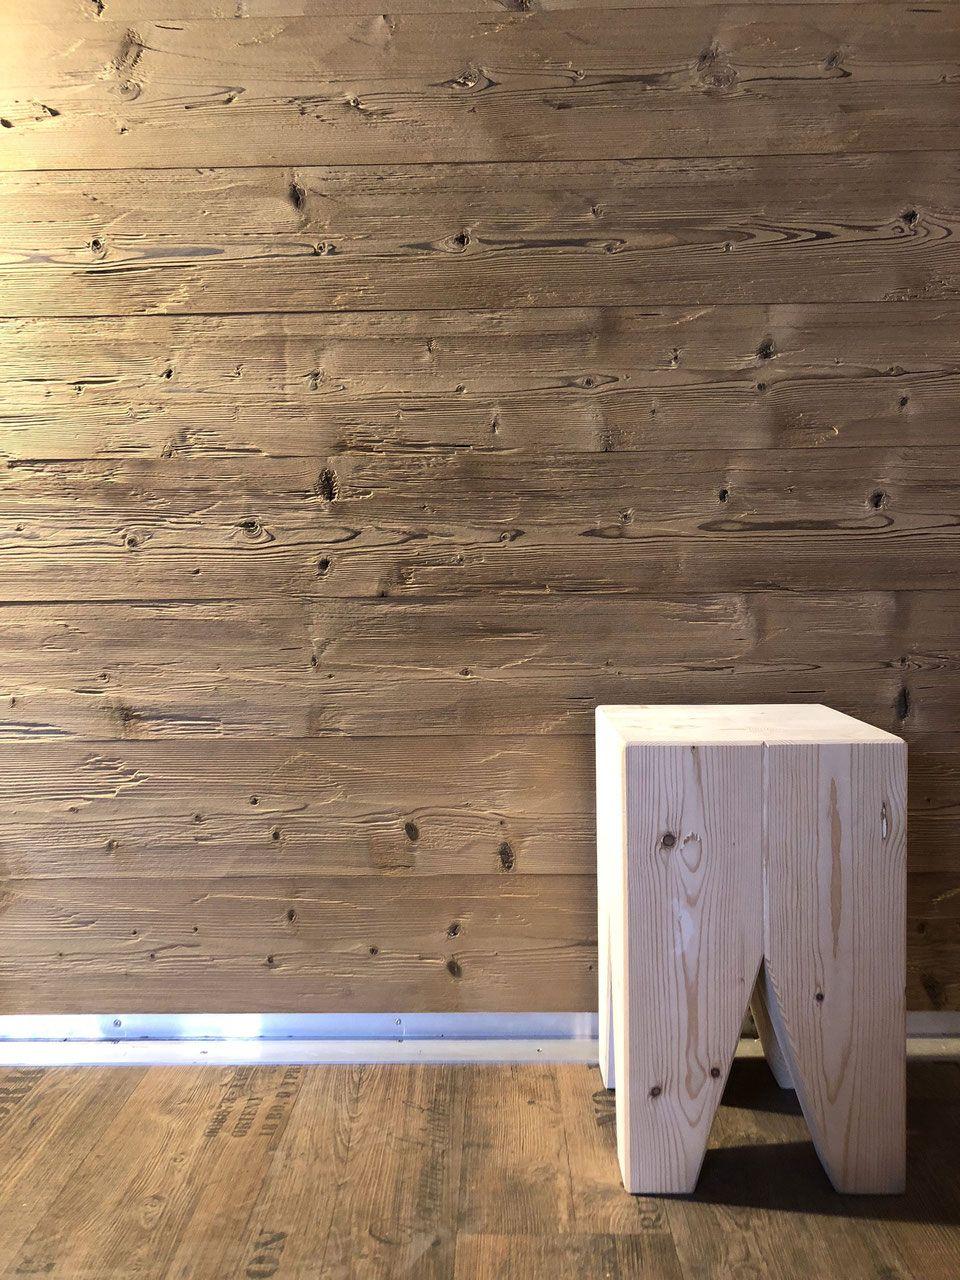 Ihr Ansprechpartner Fur Altholz Wandverkleidung Tolle Wandpaneele Uvm Vintage Holz In 2020 Altholz Wandverkleidung Vintage Holz Wandverkleidung Holz